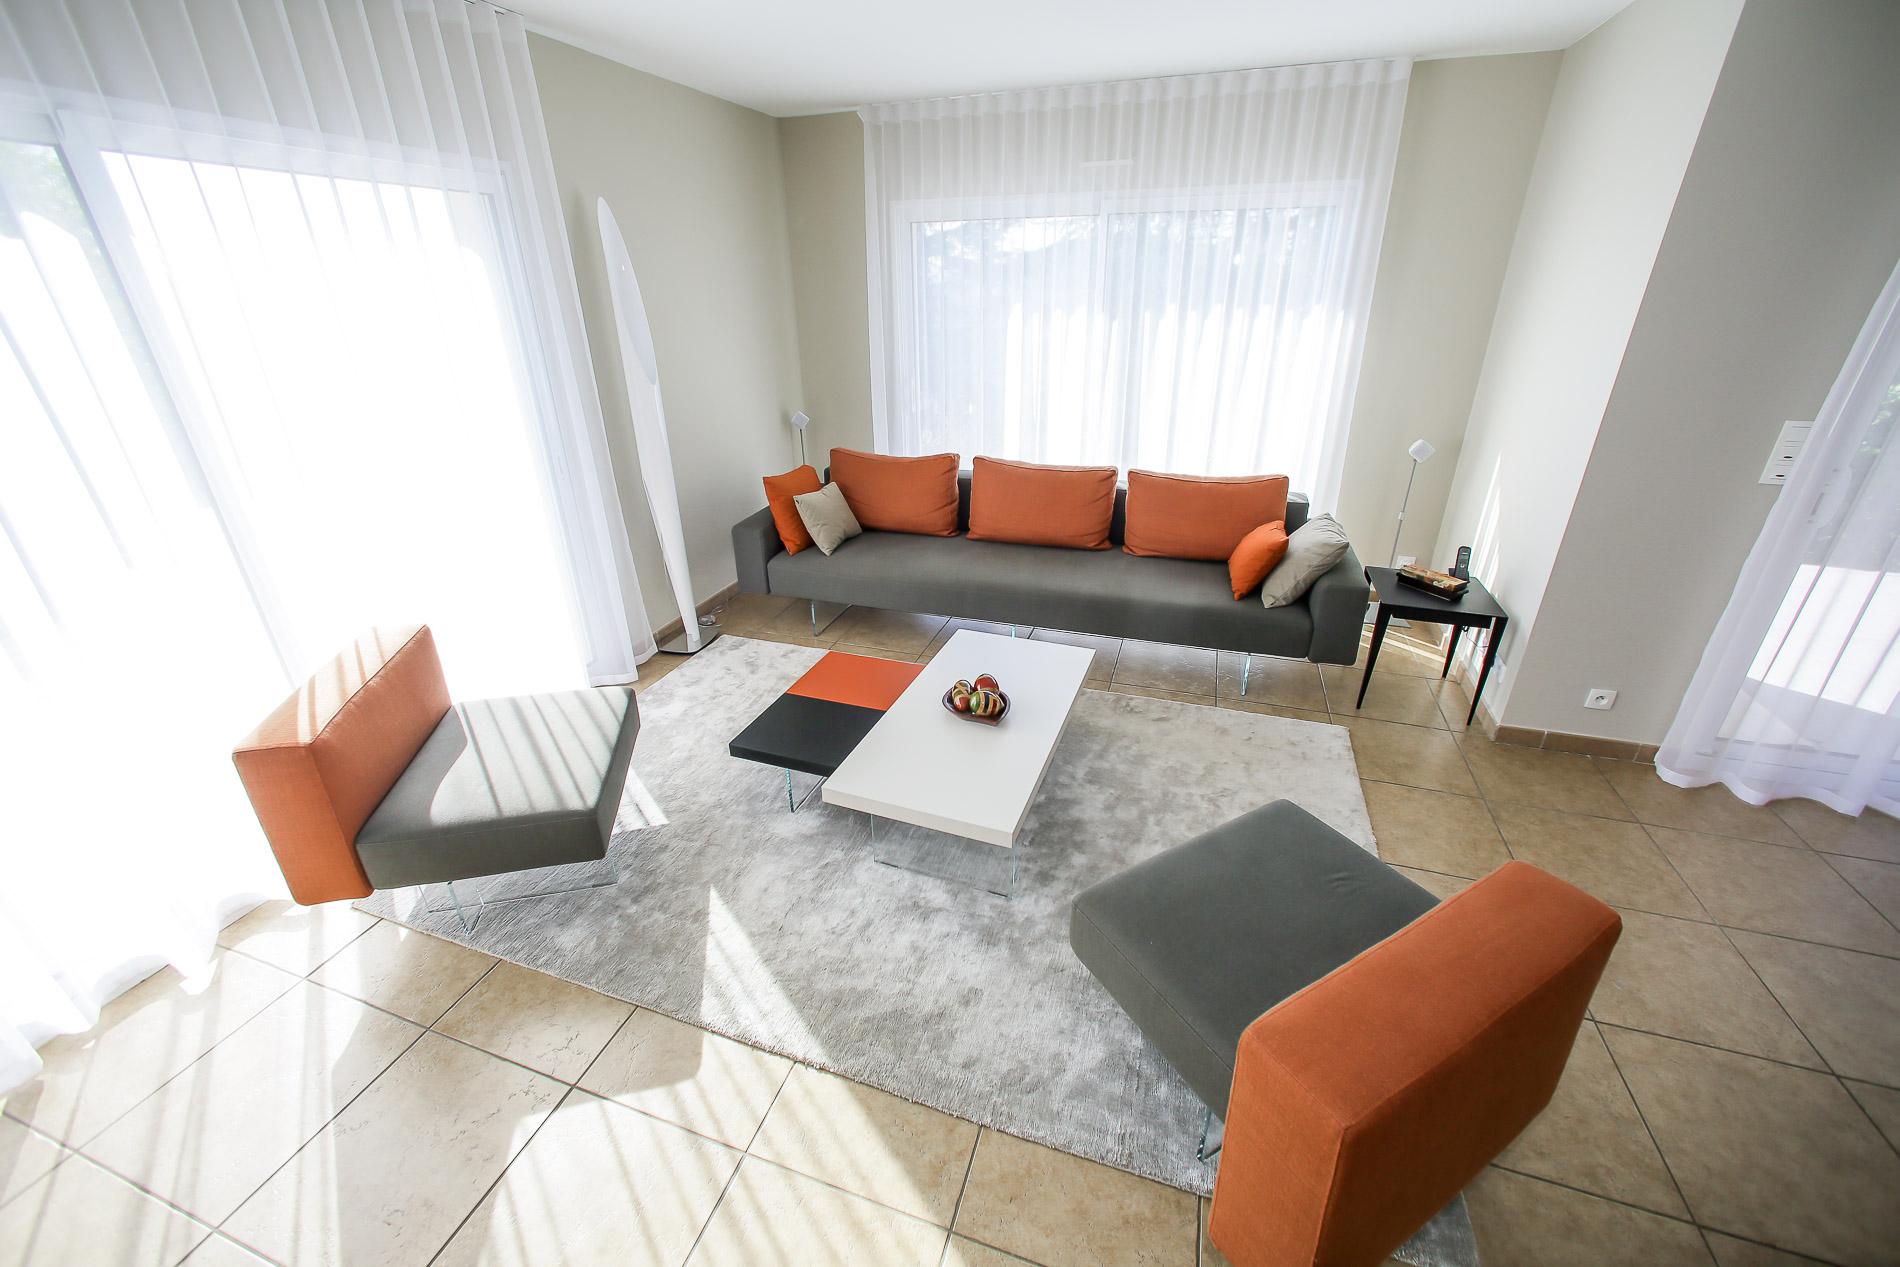 luminaire st etienne luminaire st etienne alinea luminaire cuisine alinea luminaire cuisine. Black Bedroom Furniture Sets. Home Design Ideas